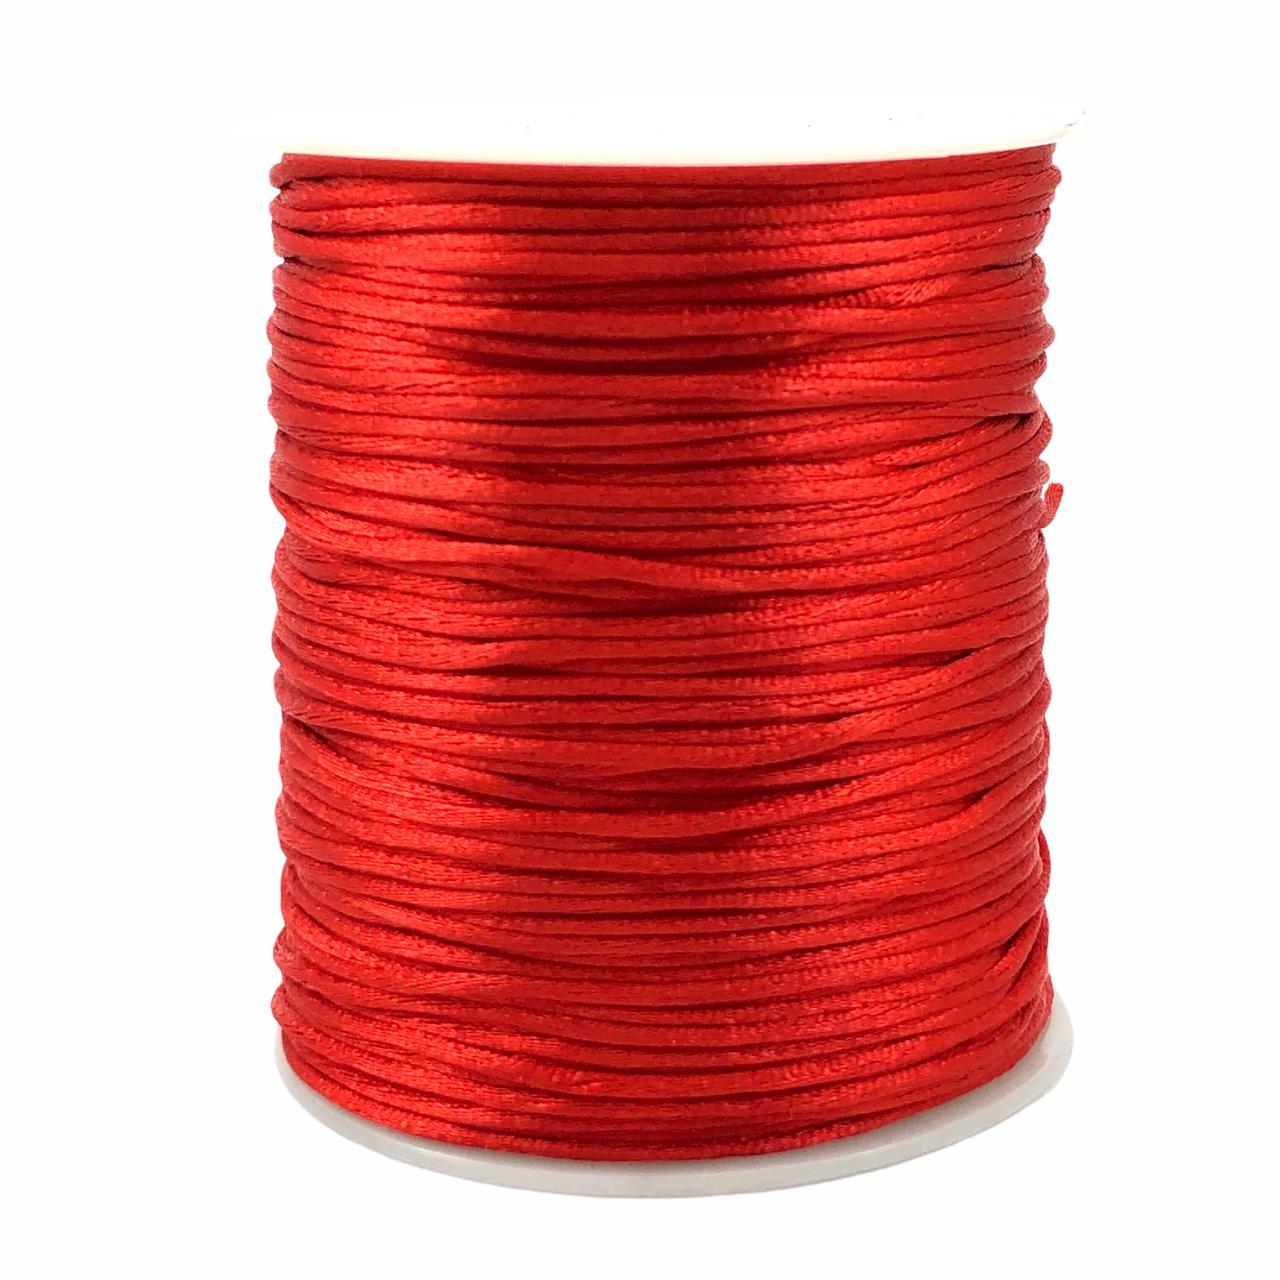 FS57 - Fio de Seda 1mm Vermelho - 5metros